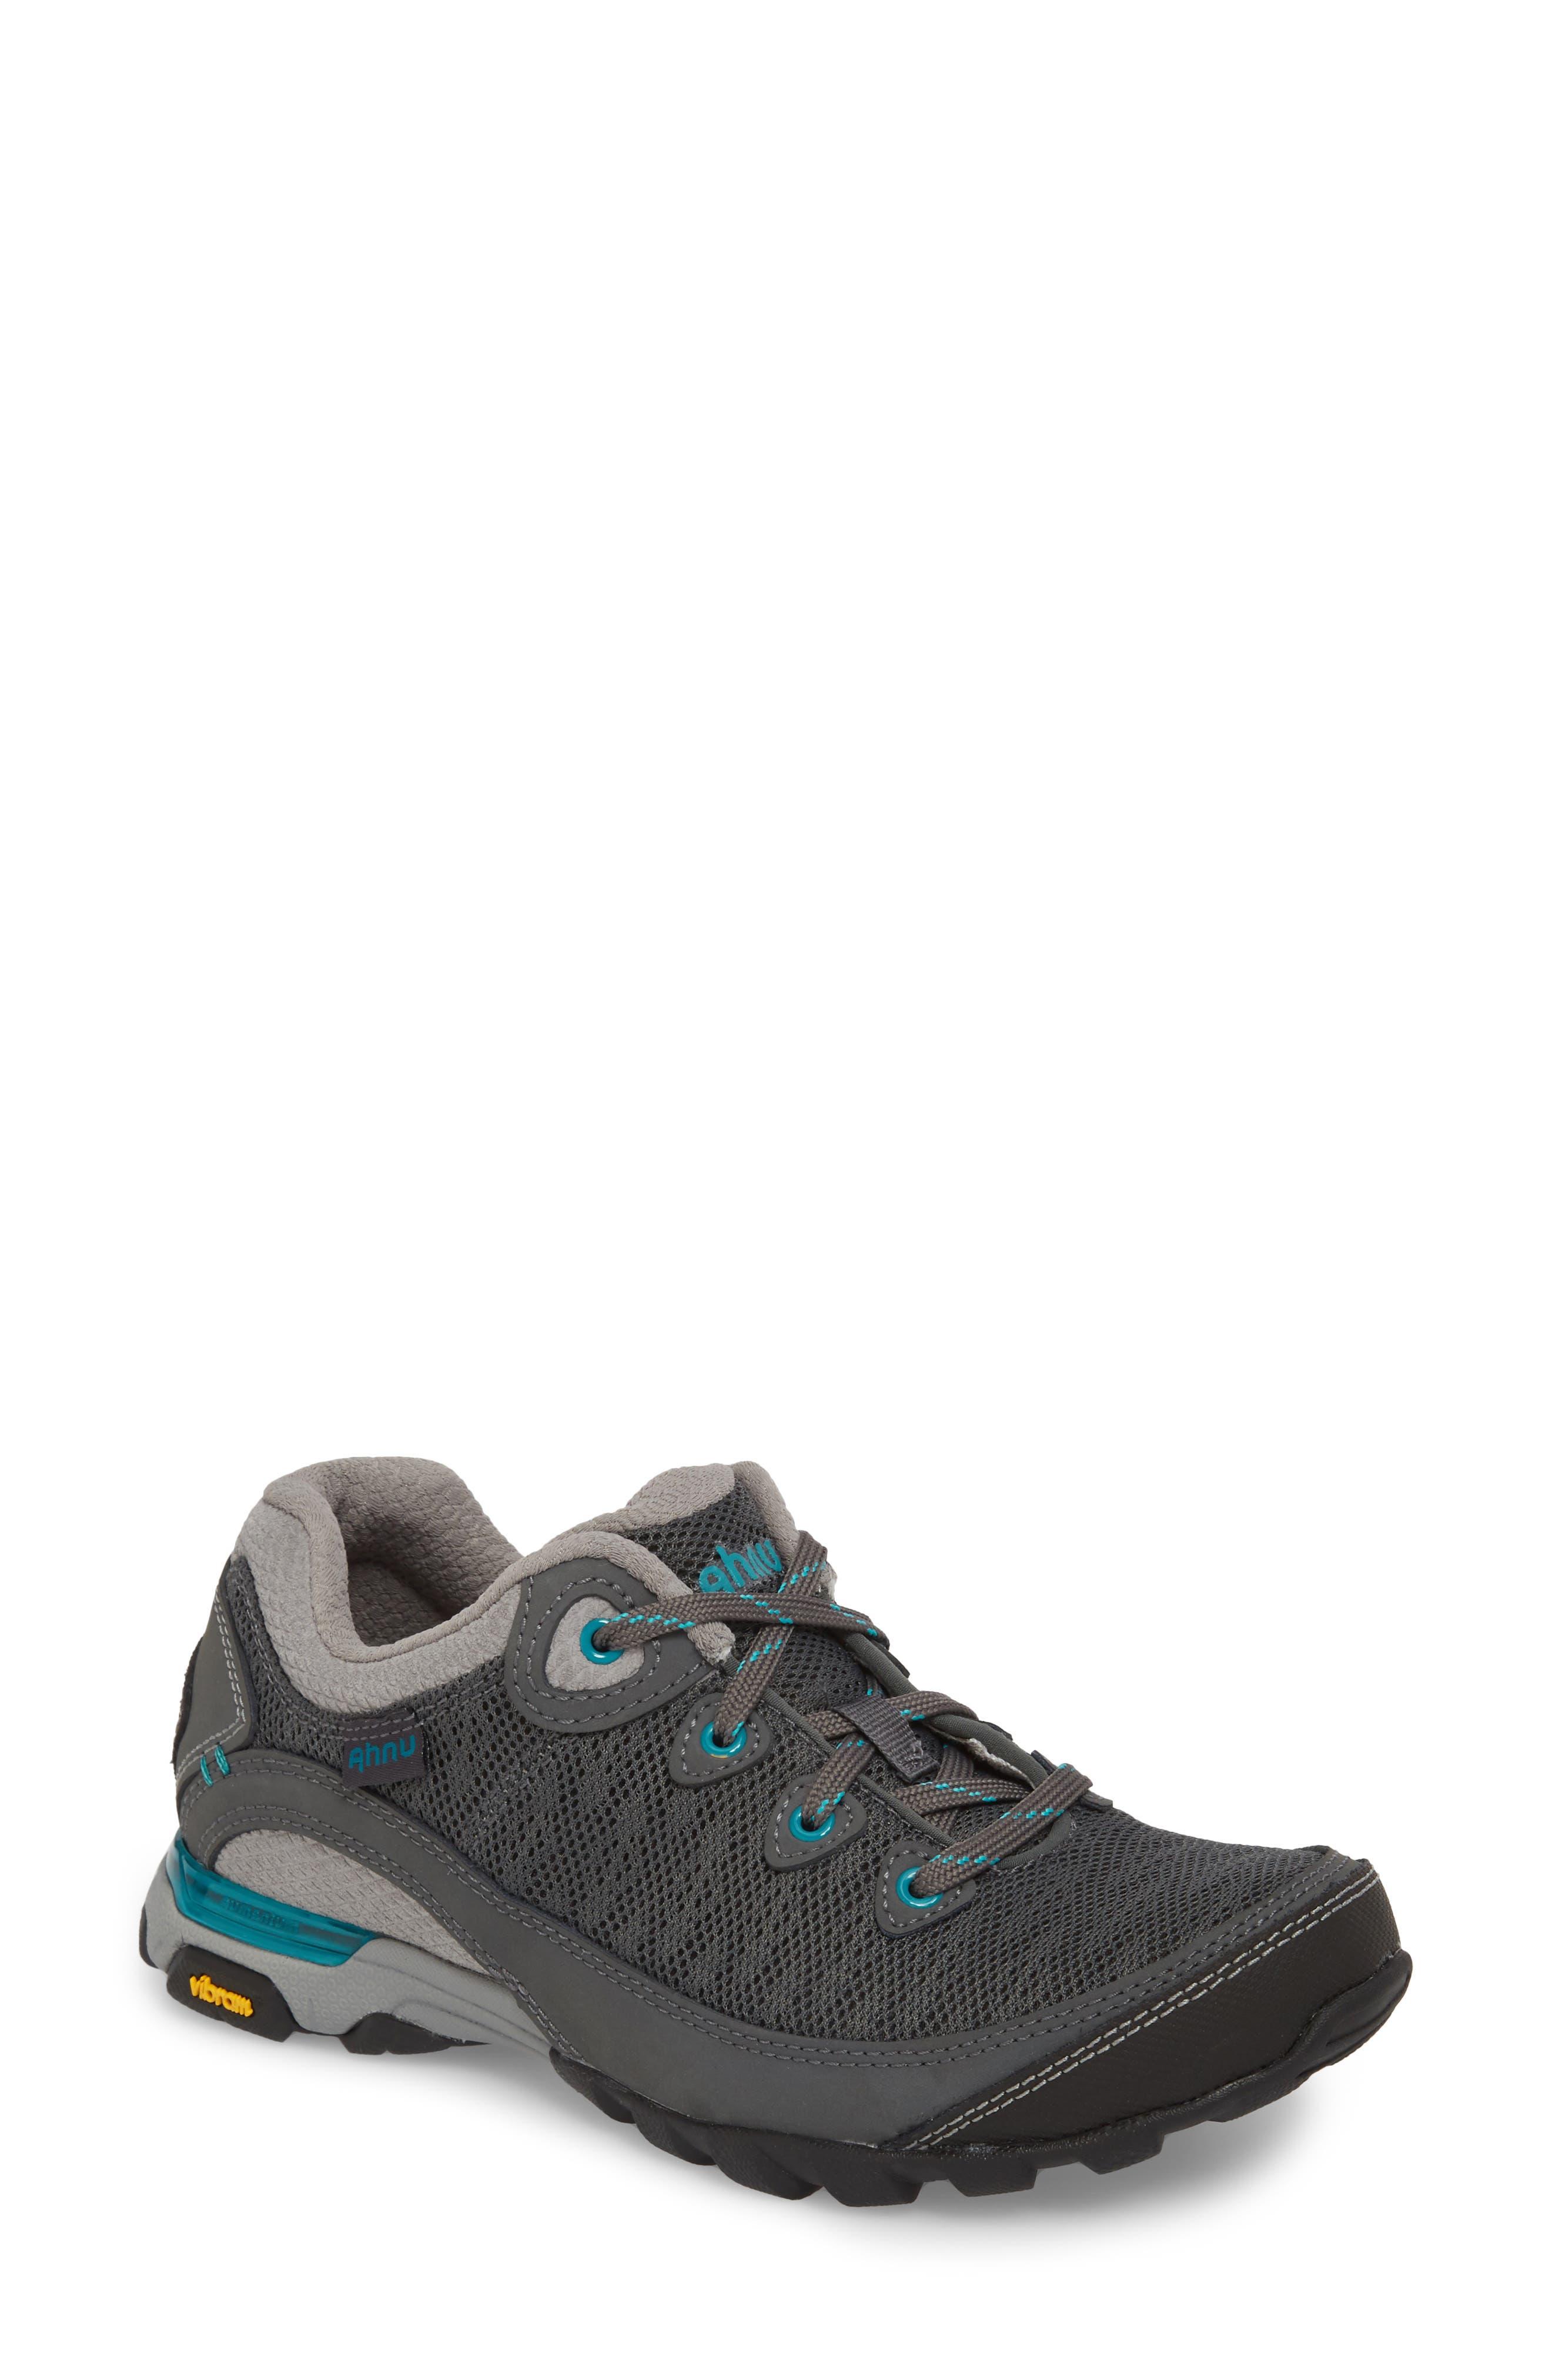 Ahnu by Teva Sugarpine II Air Mesh Hiking Waterproof Sneaker, Main, color, 025